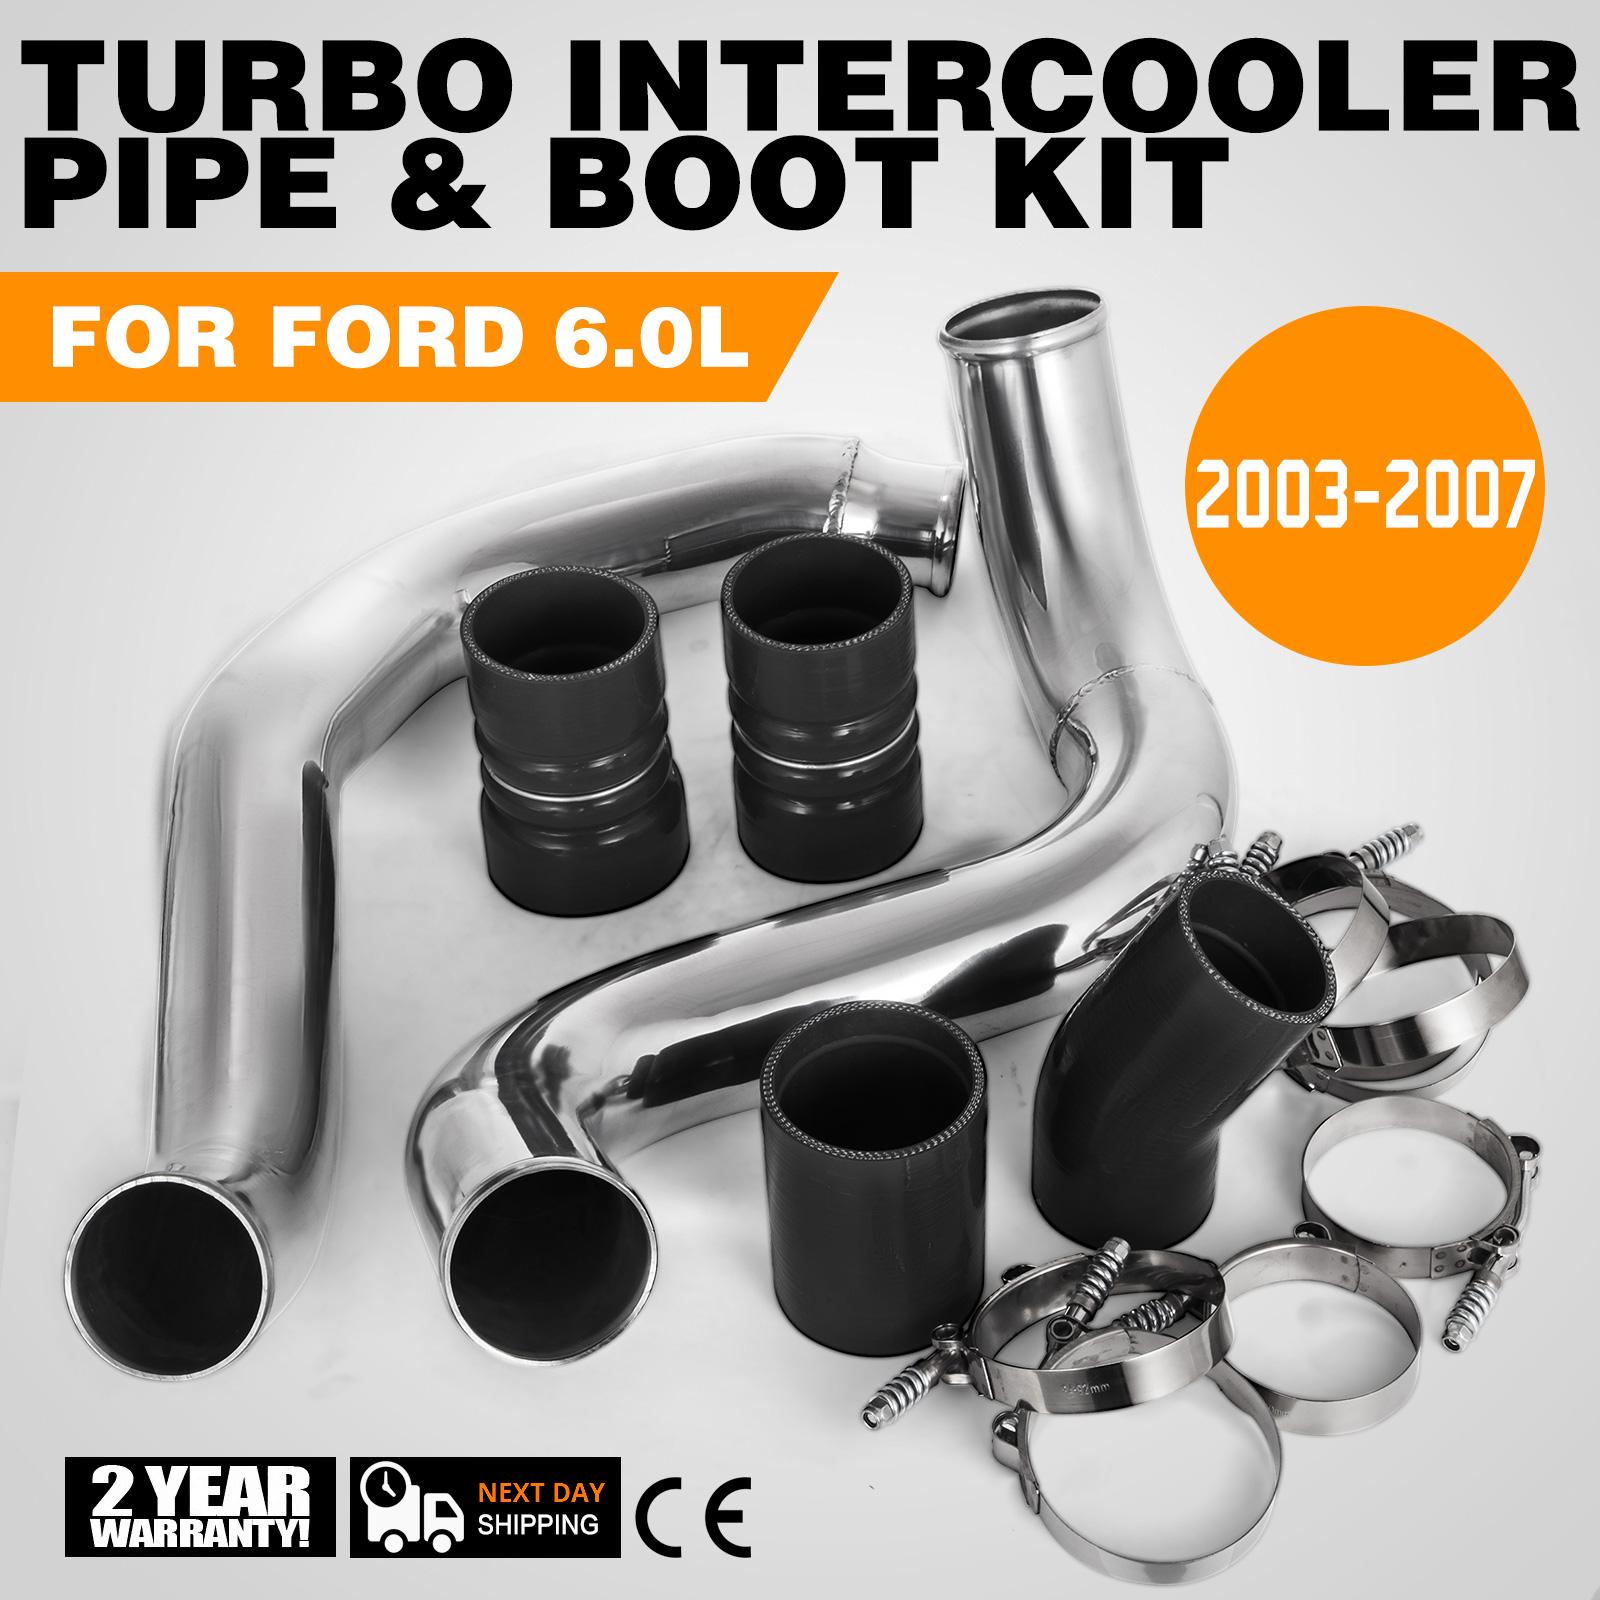 Turbo Intercooler Pipe /& Boot Kit 03-07 Ford F-250 F-350 F-450 6.0L PowerStroke